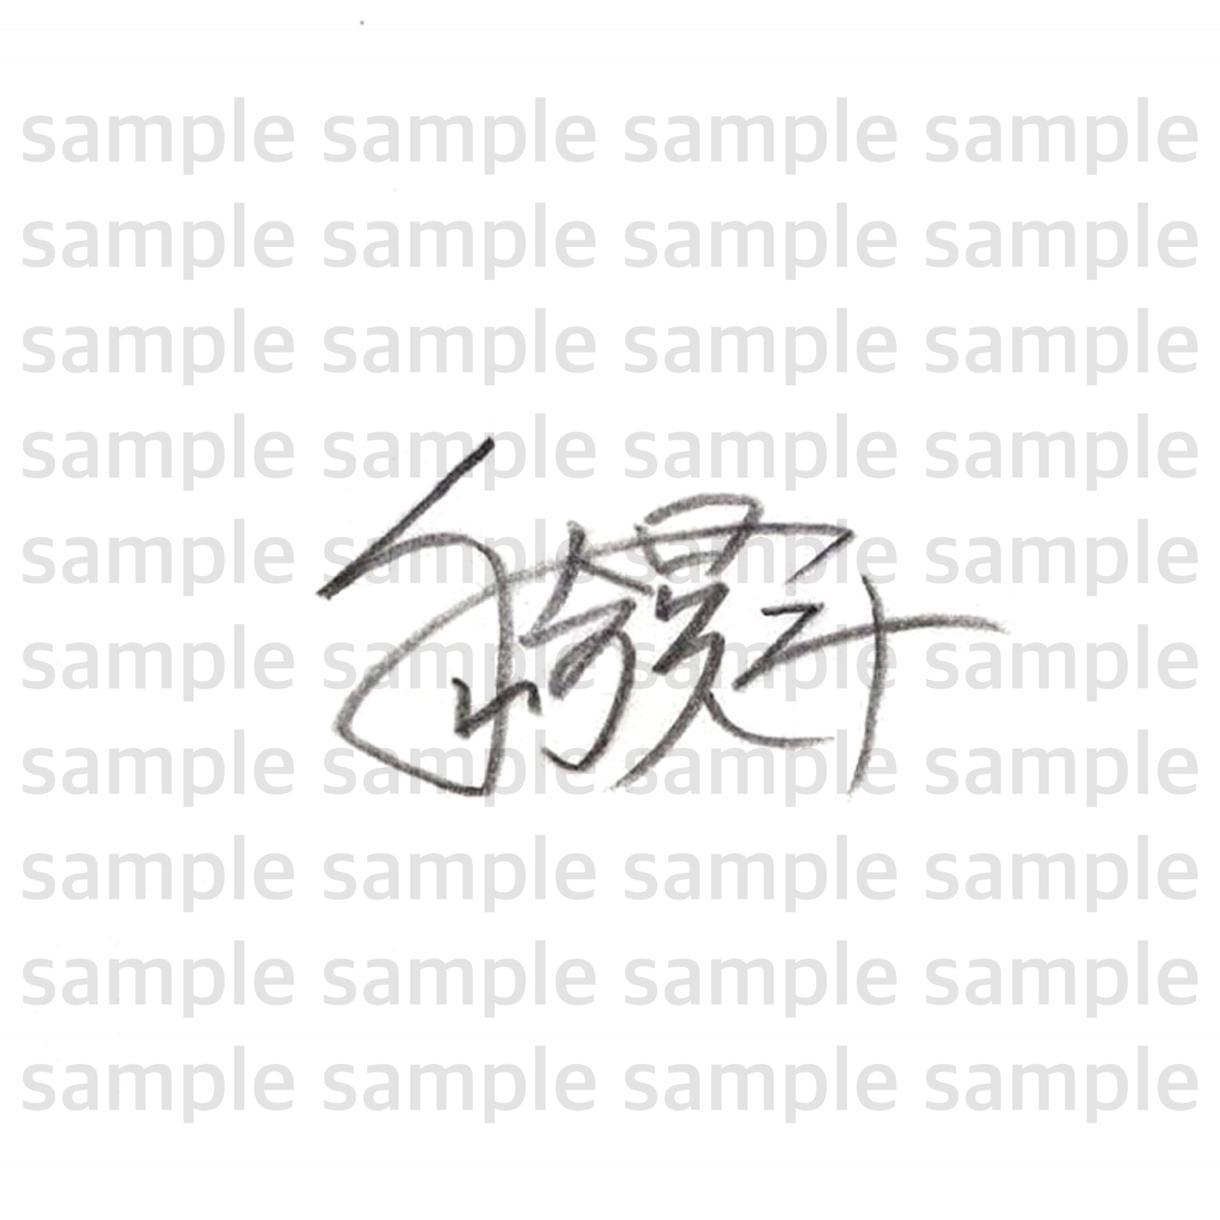 あなただけのサイン考えます オリジナルサインを自分の作品に刻んでみませんか?